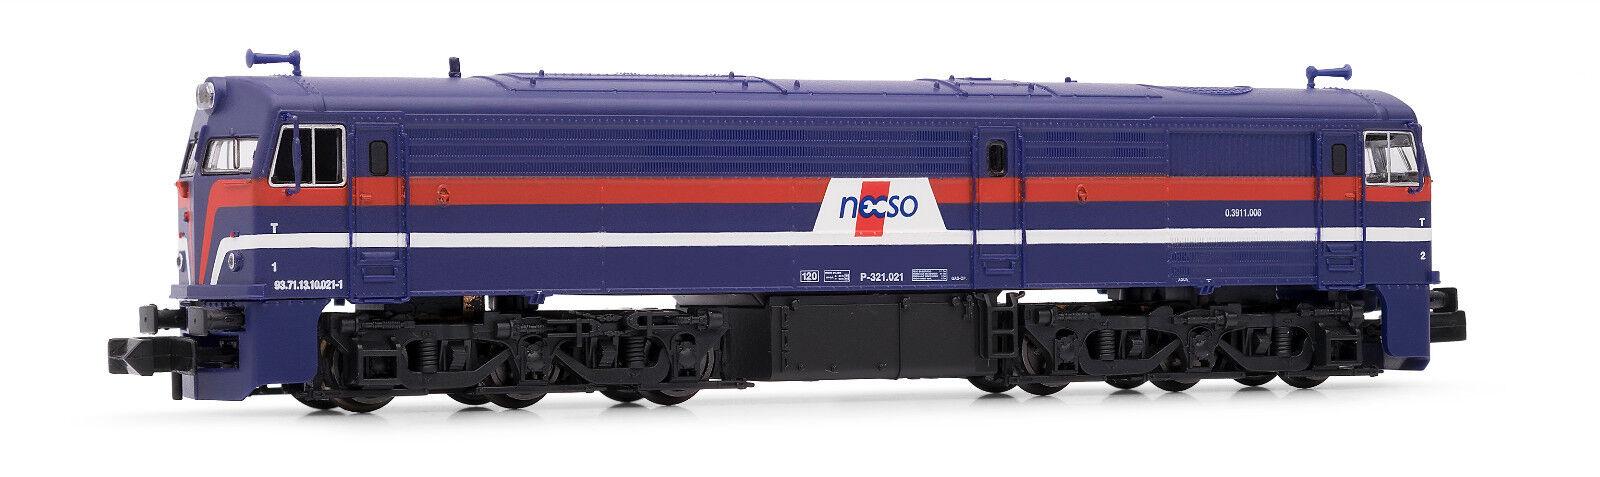 Arnold hn2264 DIESEL locomotore RENFE LOCOMOTORA 321 Necso